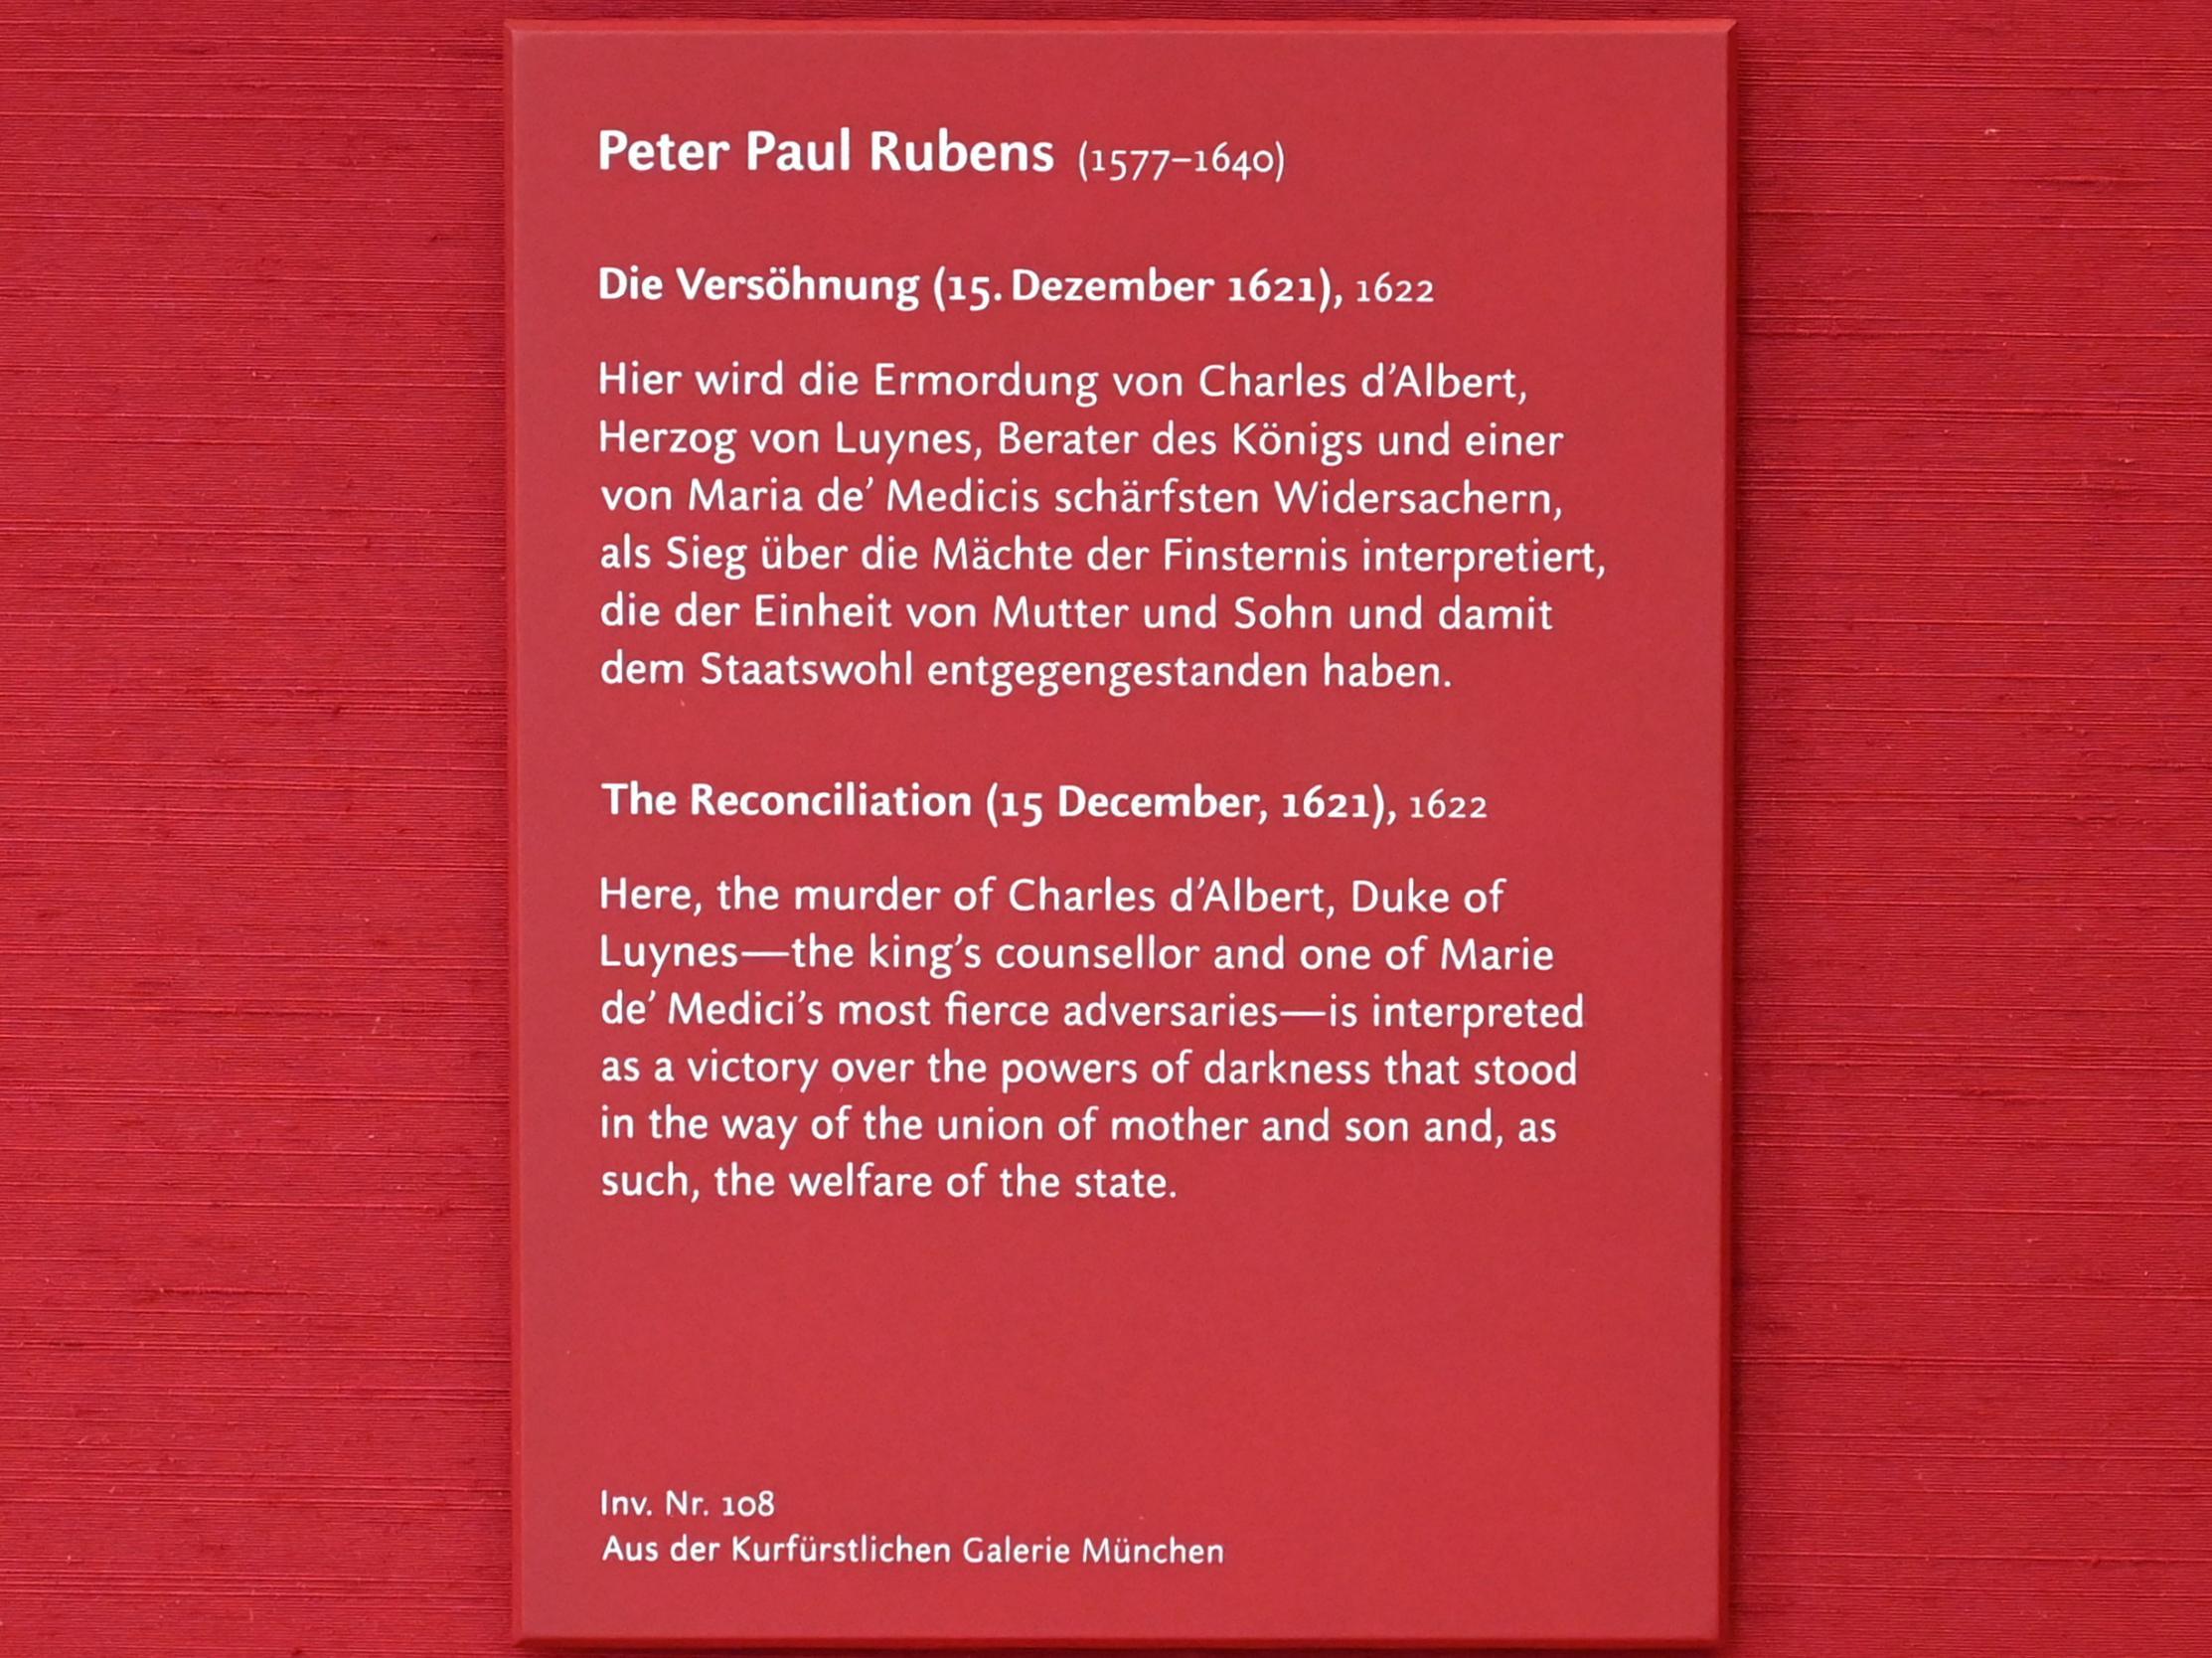 Peter Paul Rubens: Die Versöhnung (Skizze zum Medici-Zyklus), 1622, Bild 2/2